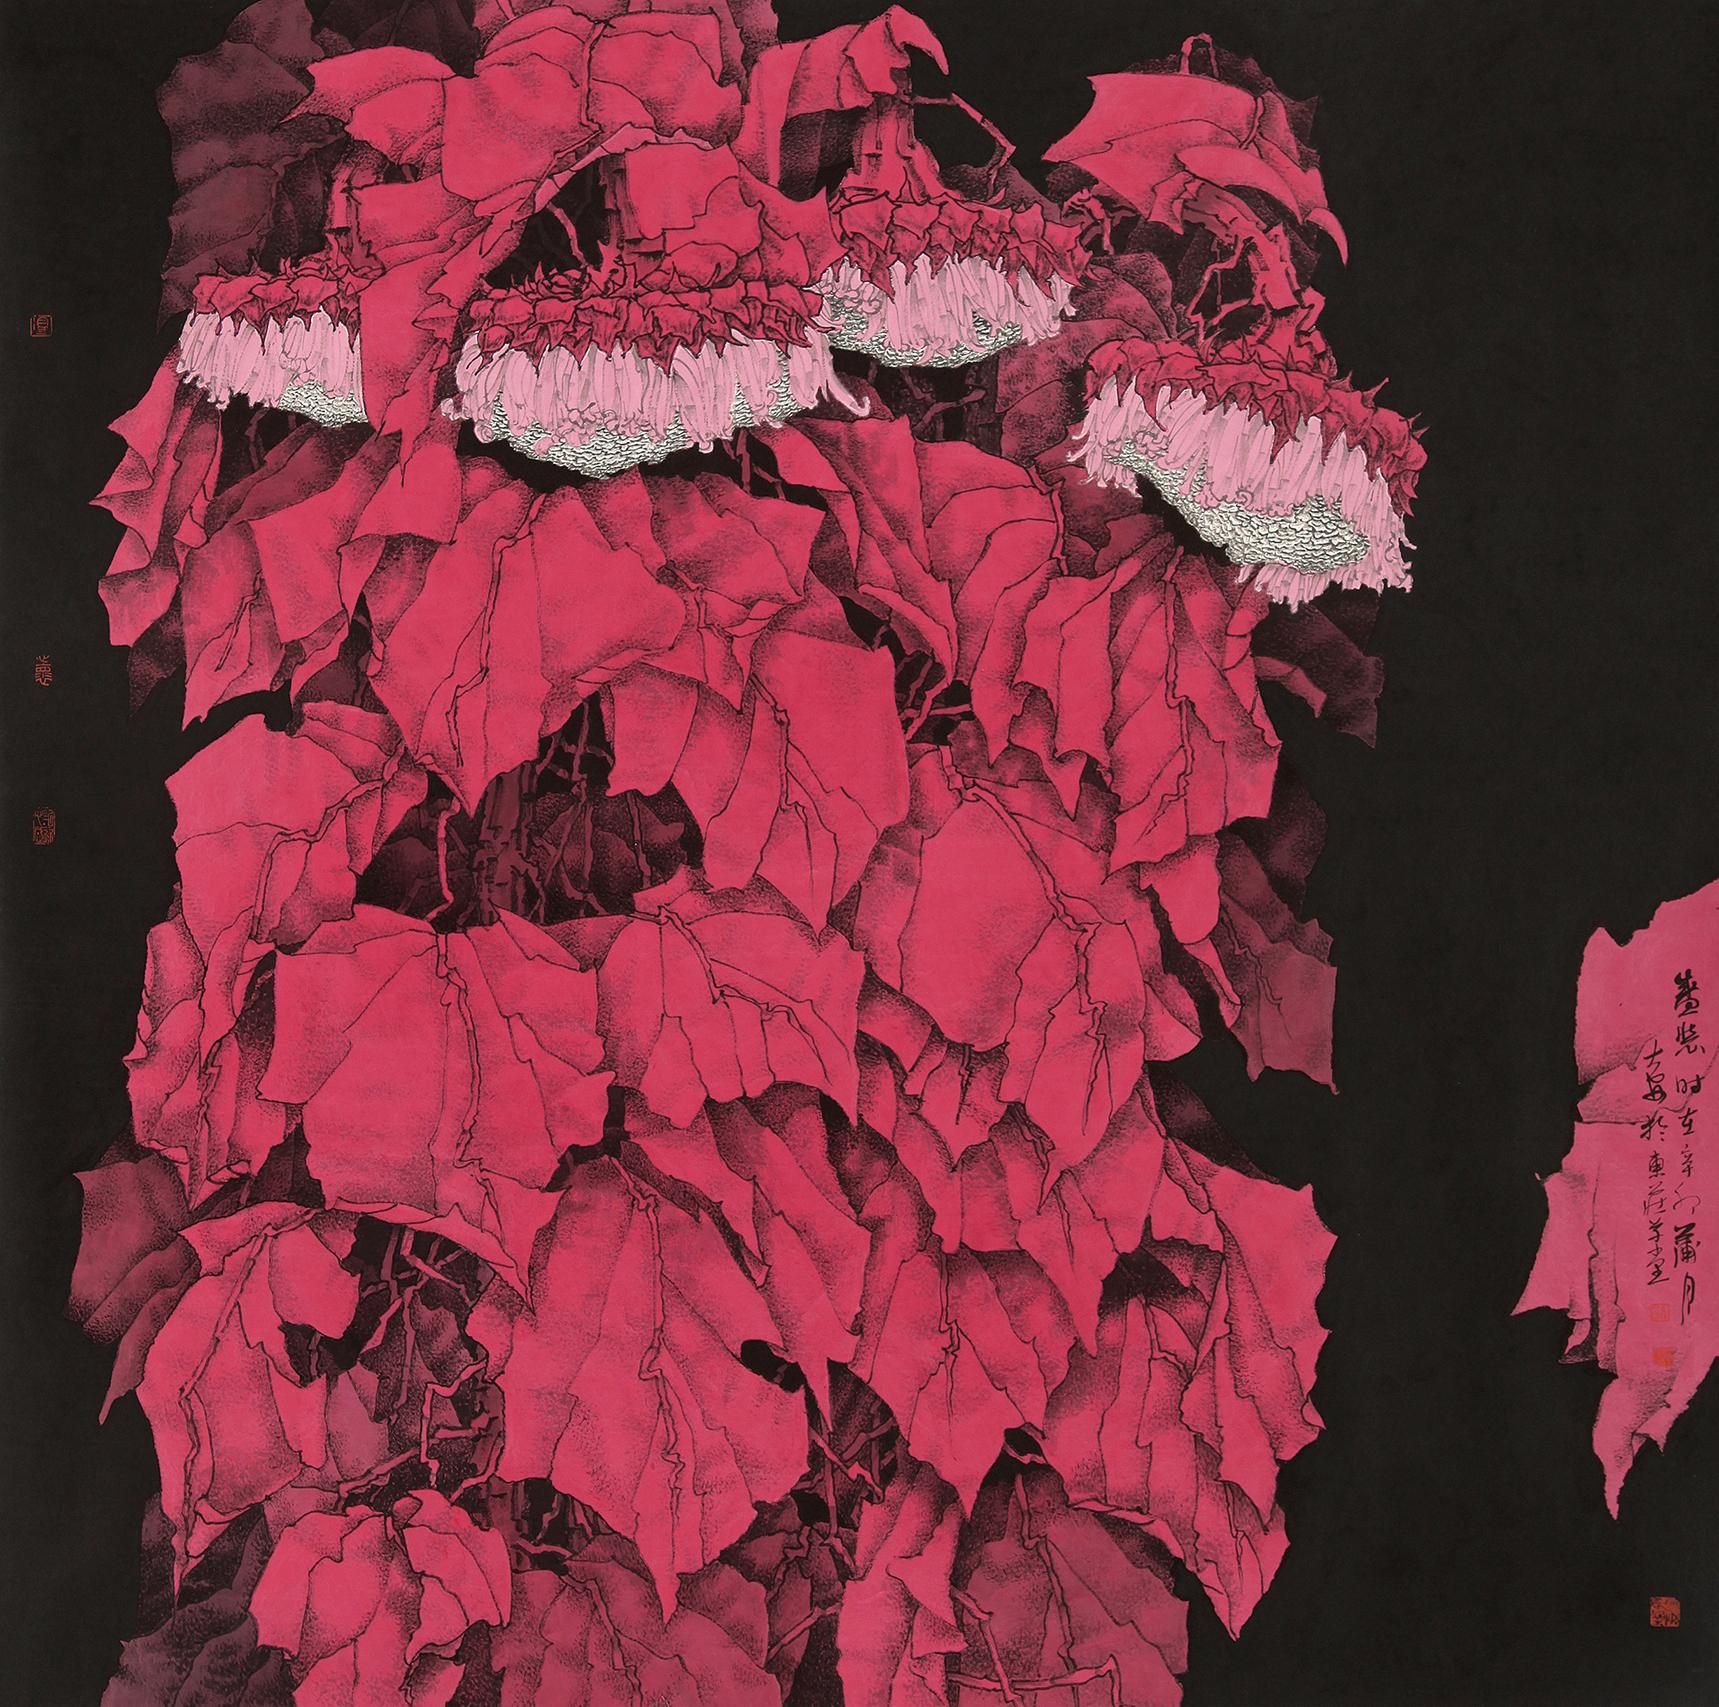 绿野仙踪——崔志安花鸟画作品展4月28日在江苏省美术馆展出